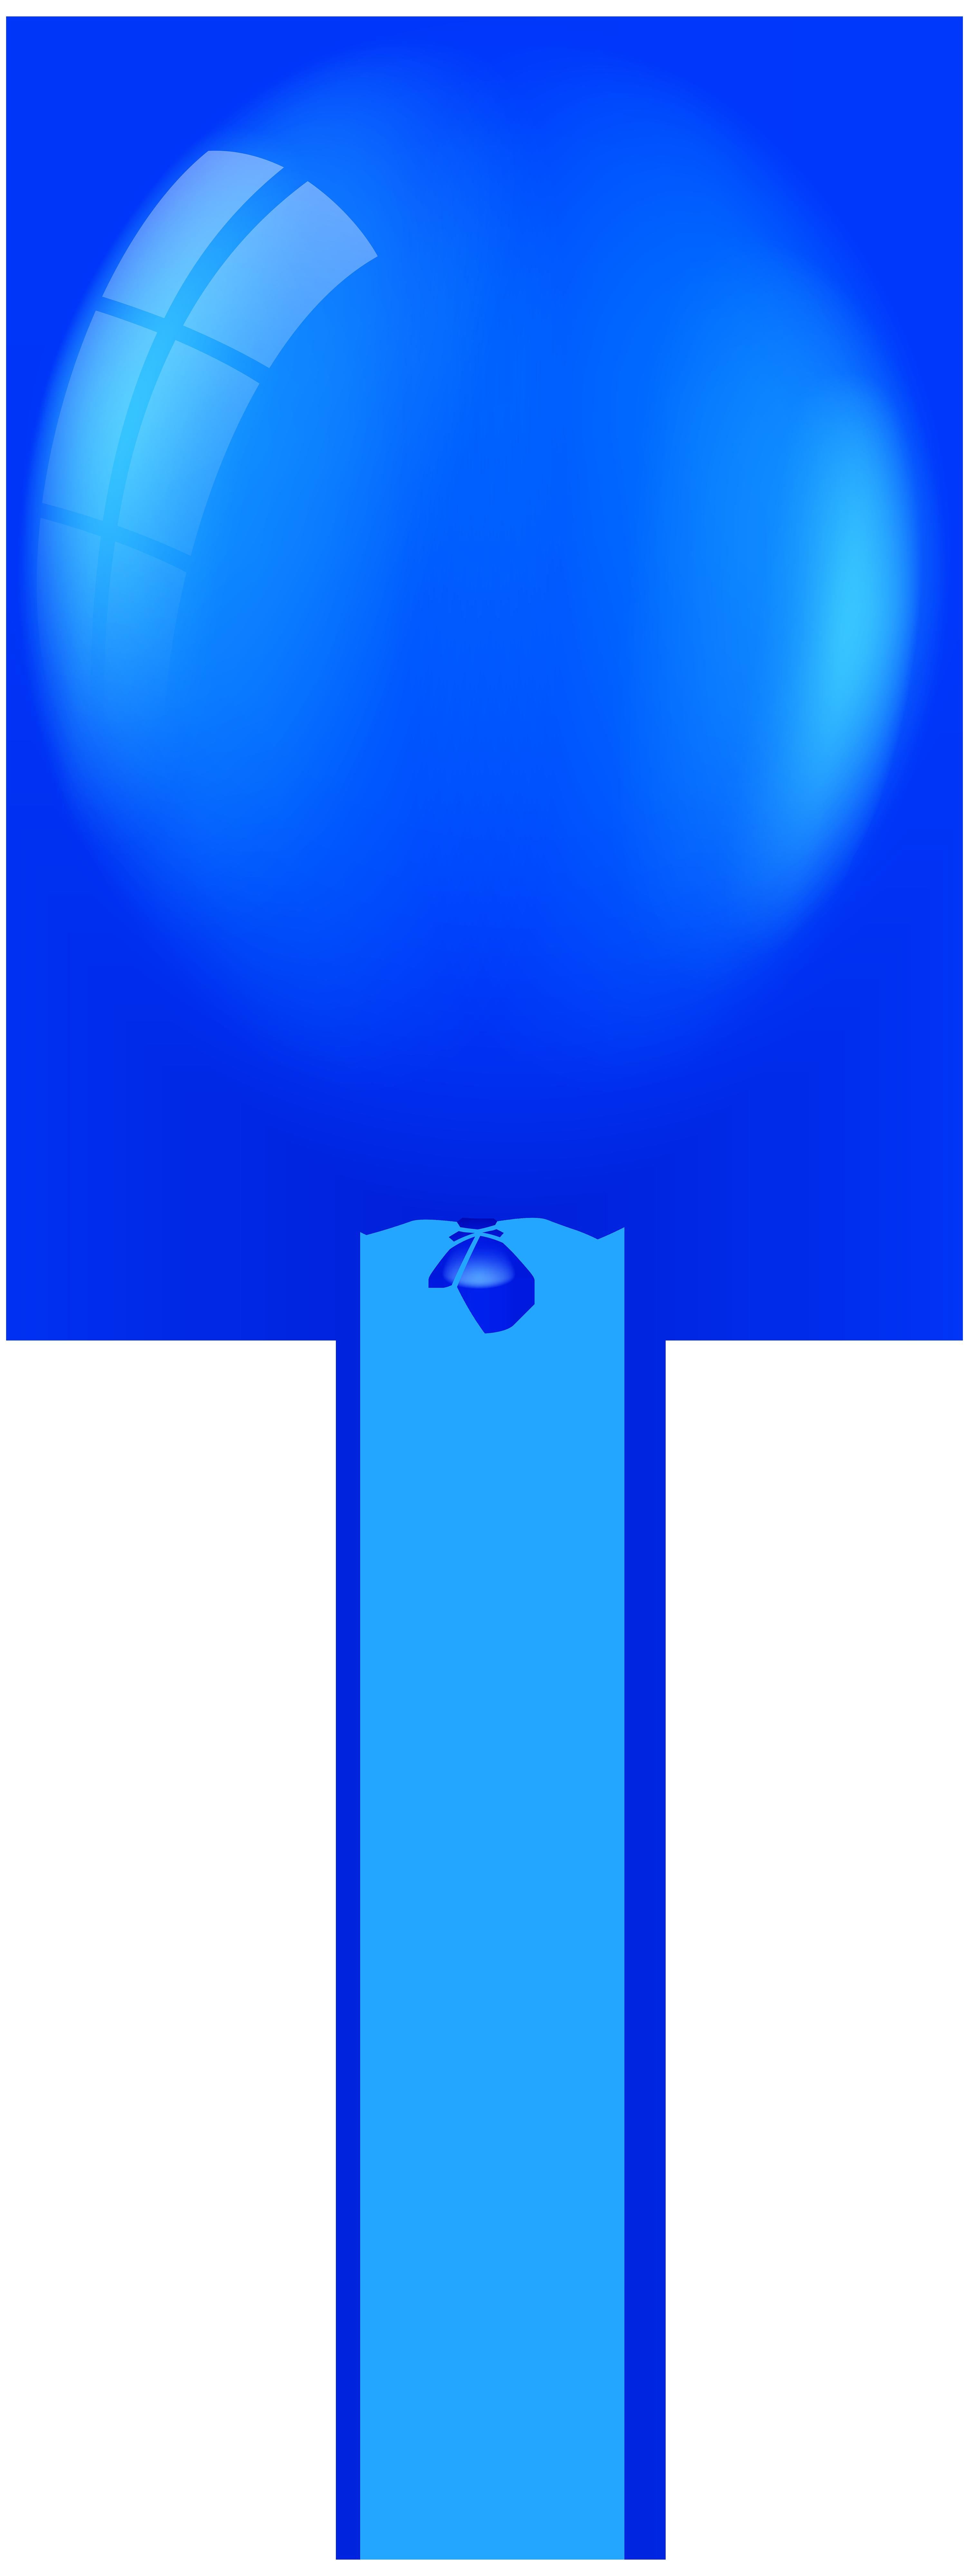 3009x8000 Blue Balloon Png Clip Art